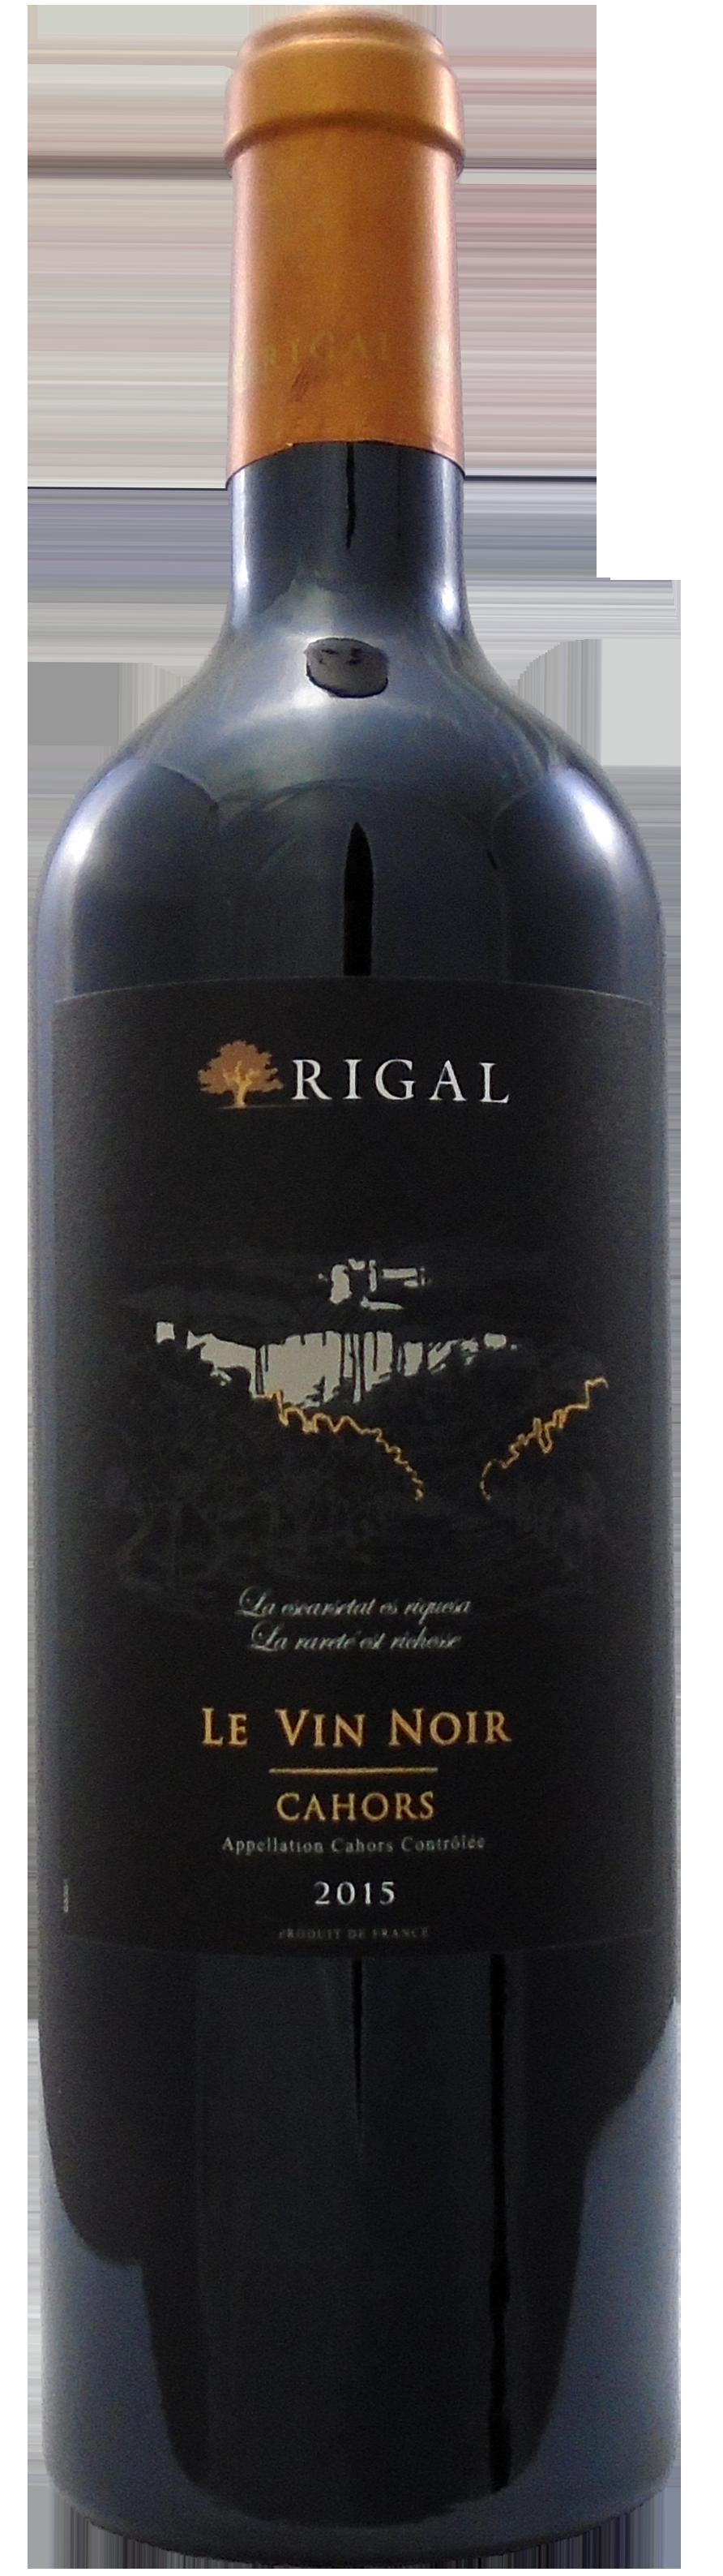 Rigal 'Le Vin Noir' Cahors Malbec 2015